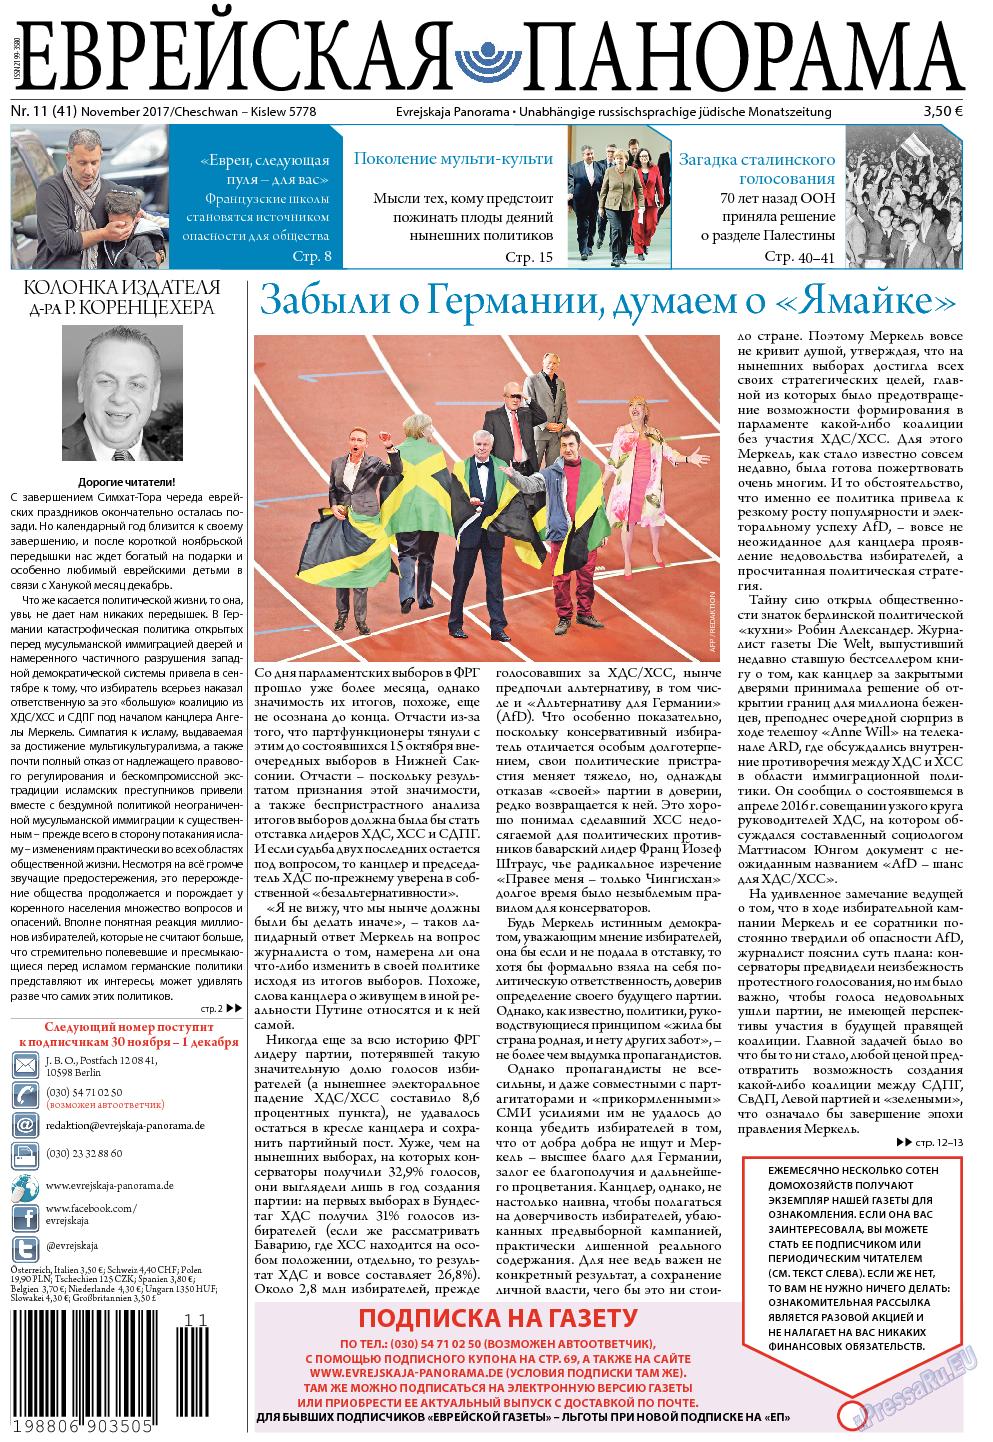 Еврейская панорама (газета). 2017 год, номер 11, стр. 1